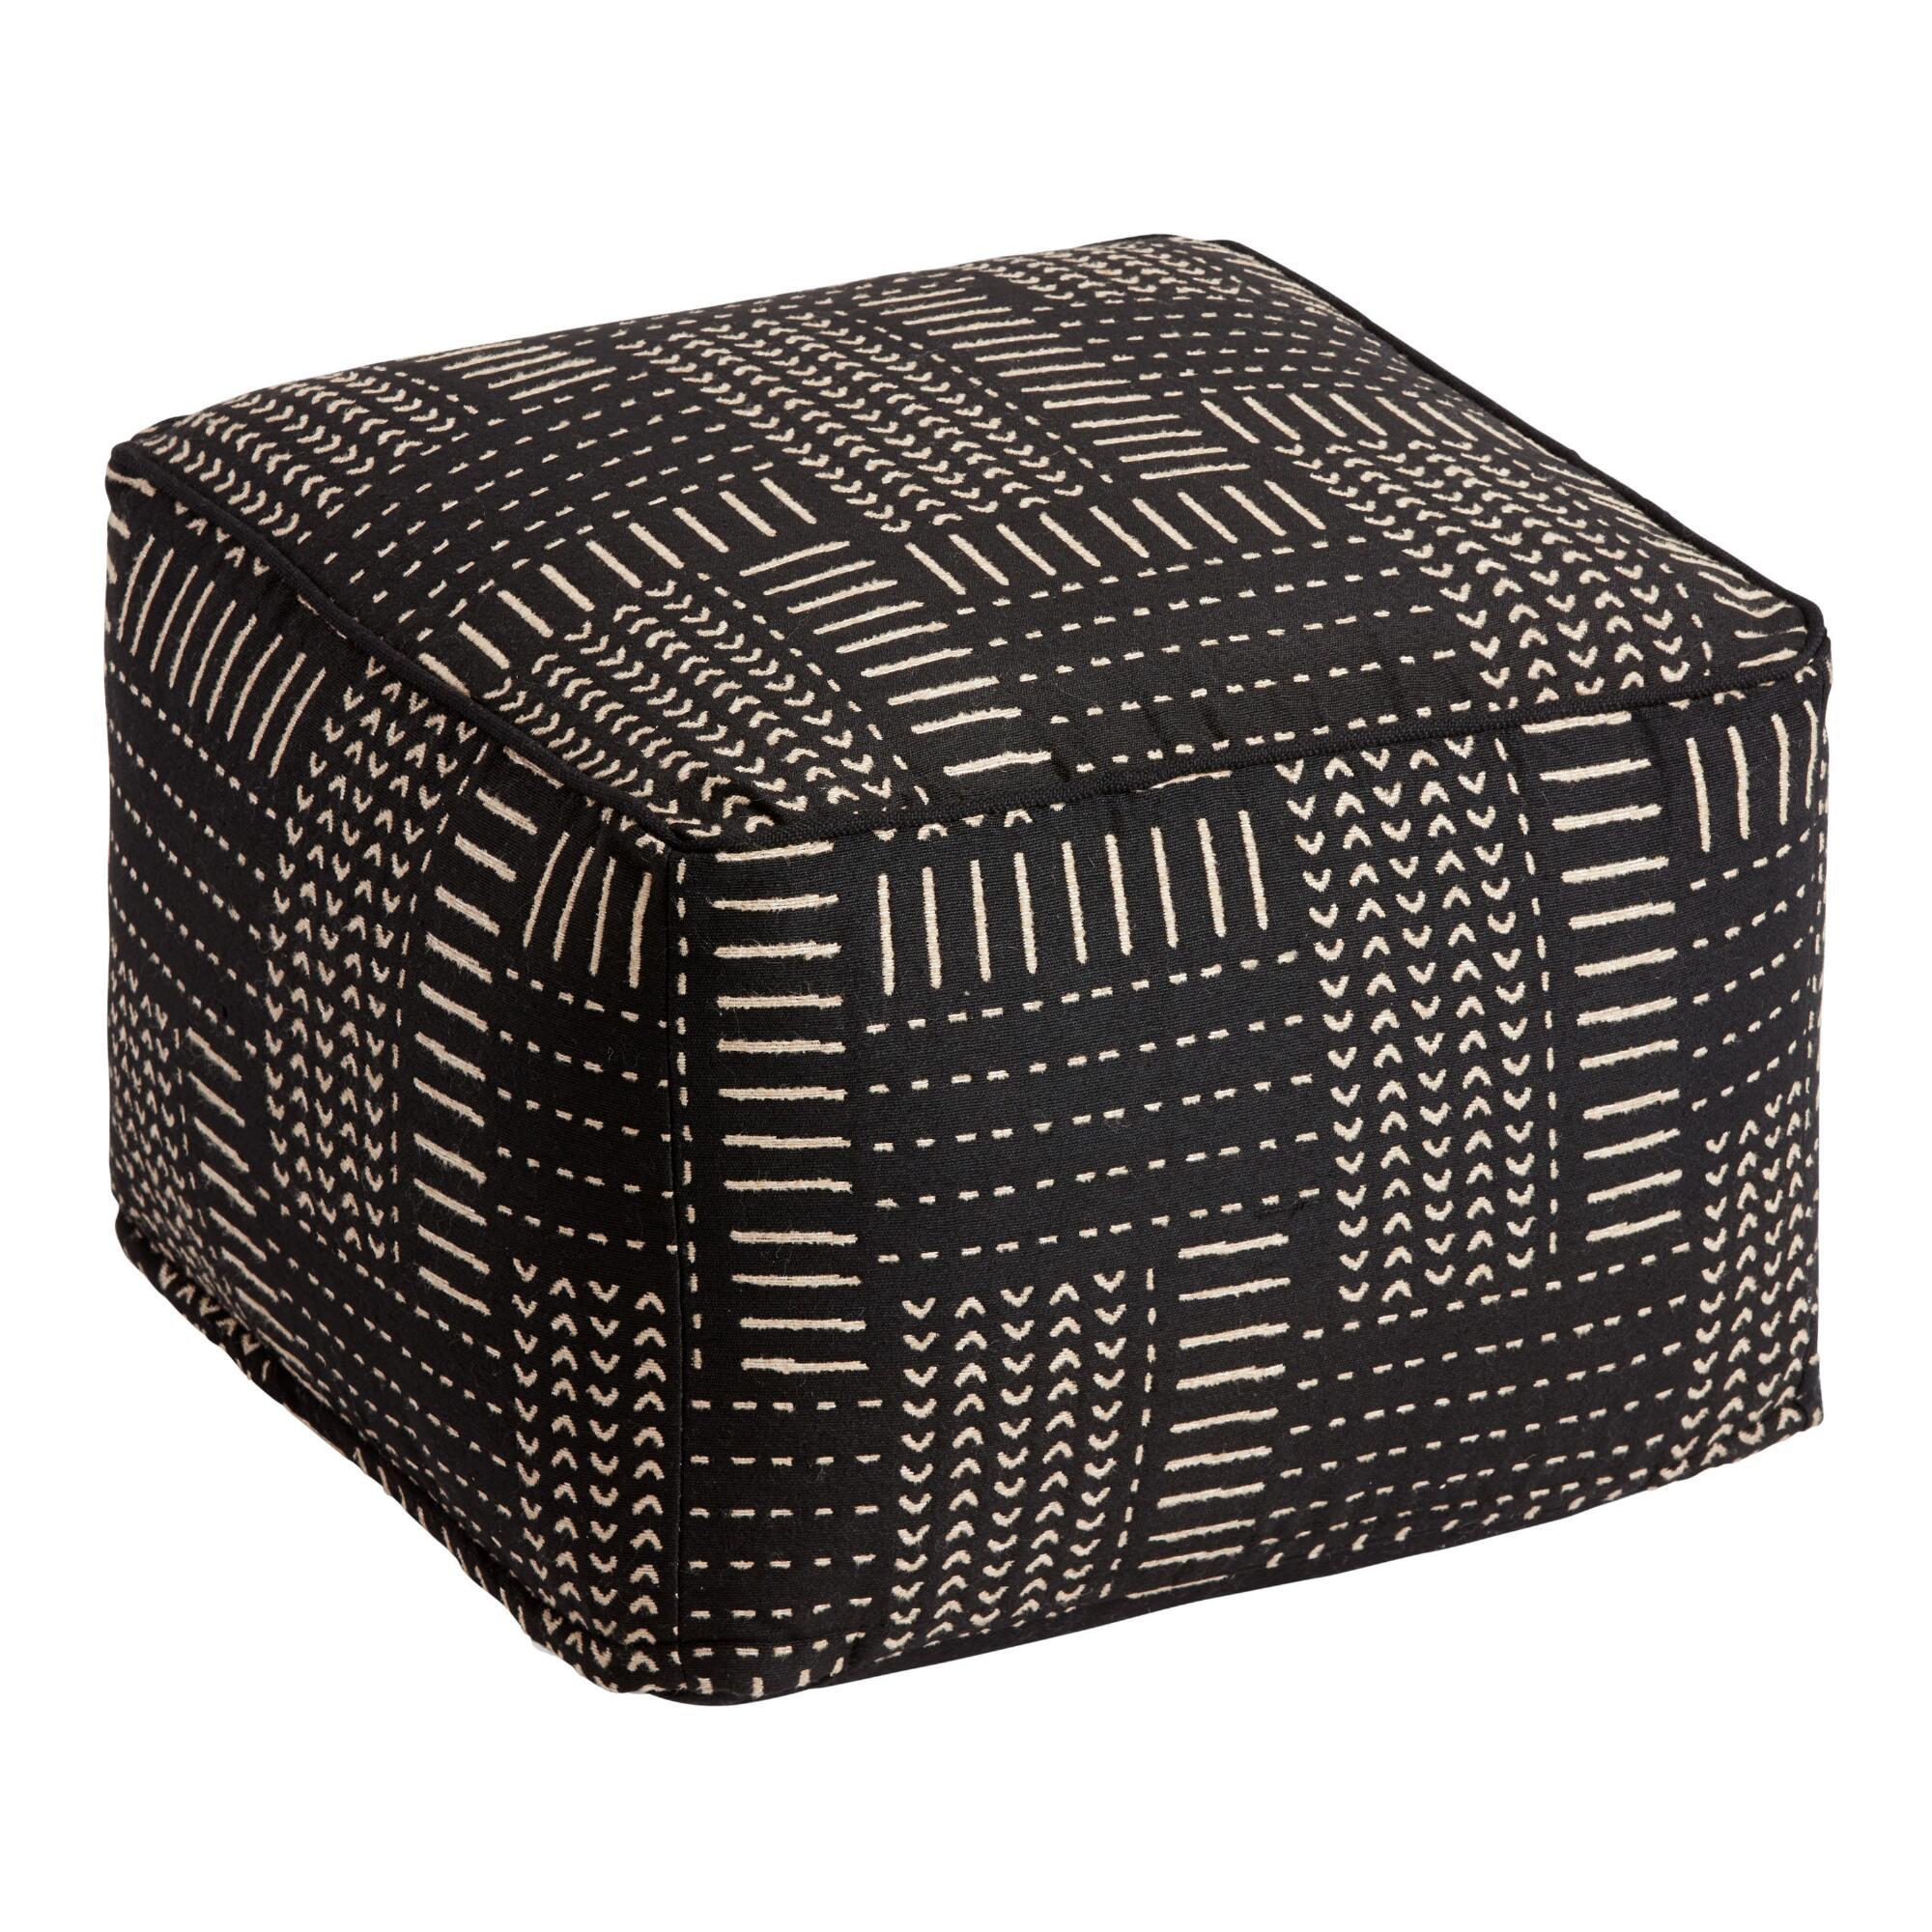 Black And Ivory Zanzibar Indoor Outdoor Pouf $88.79